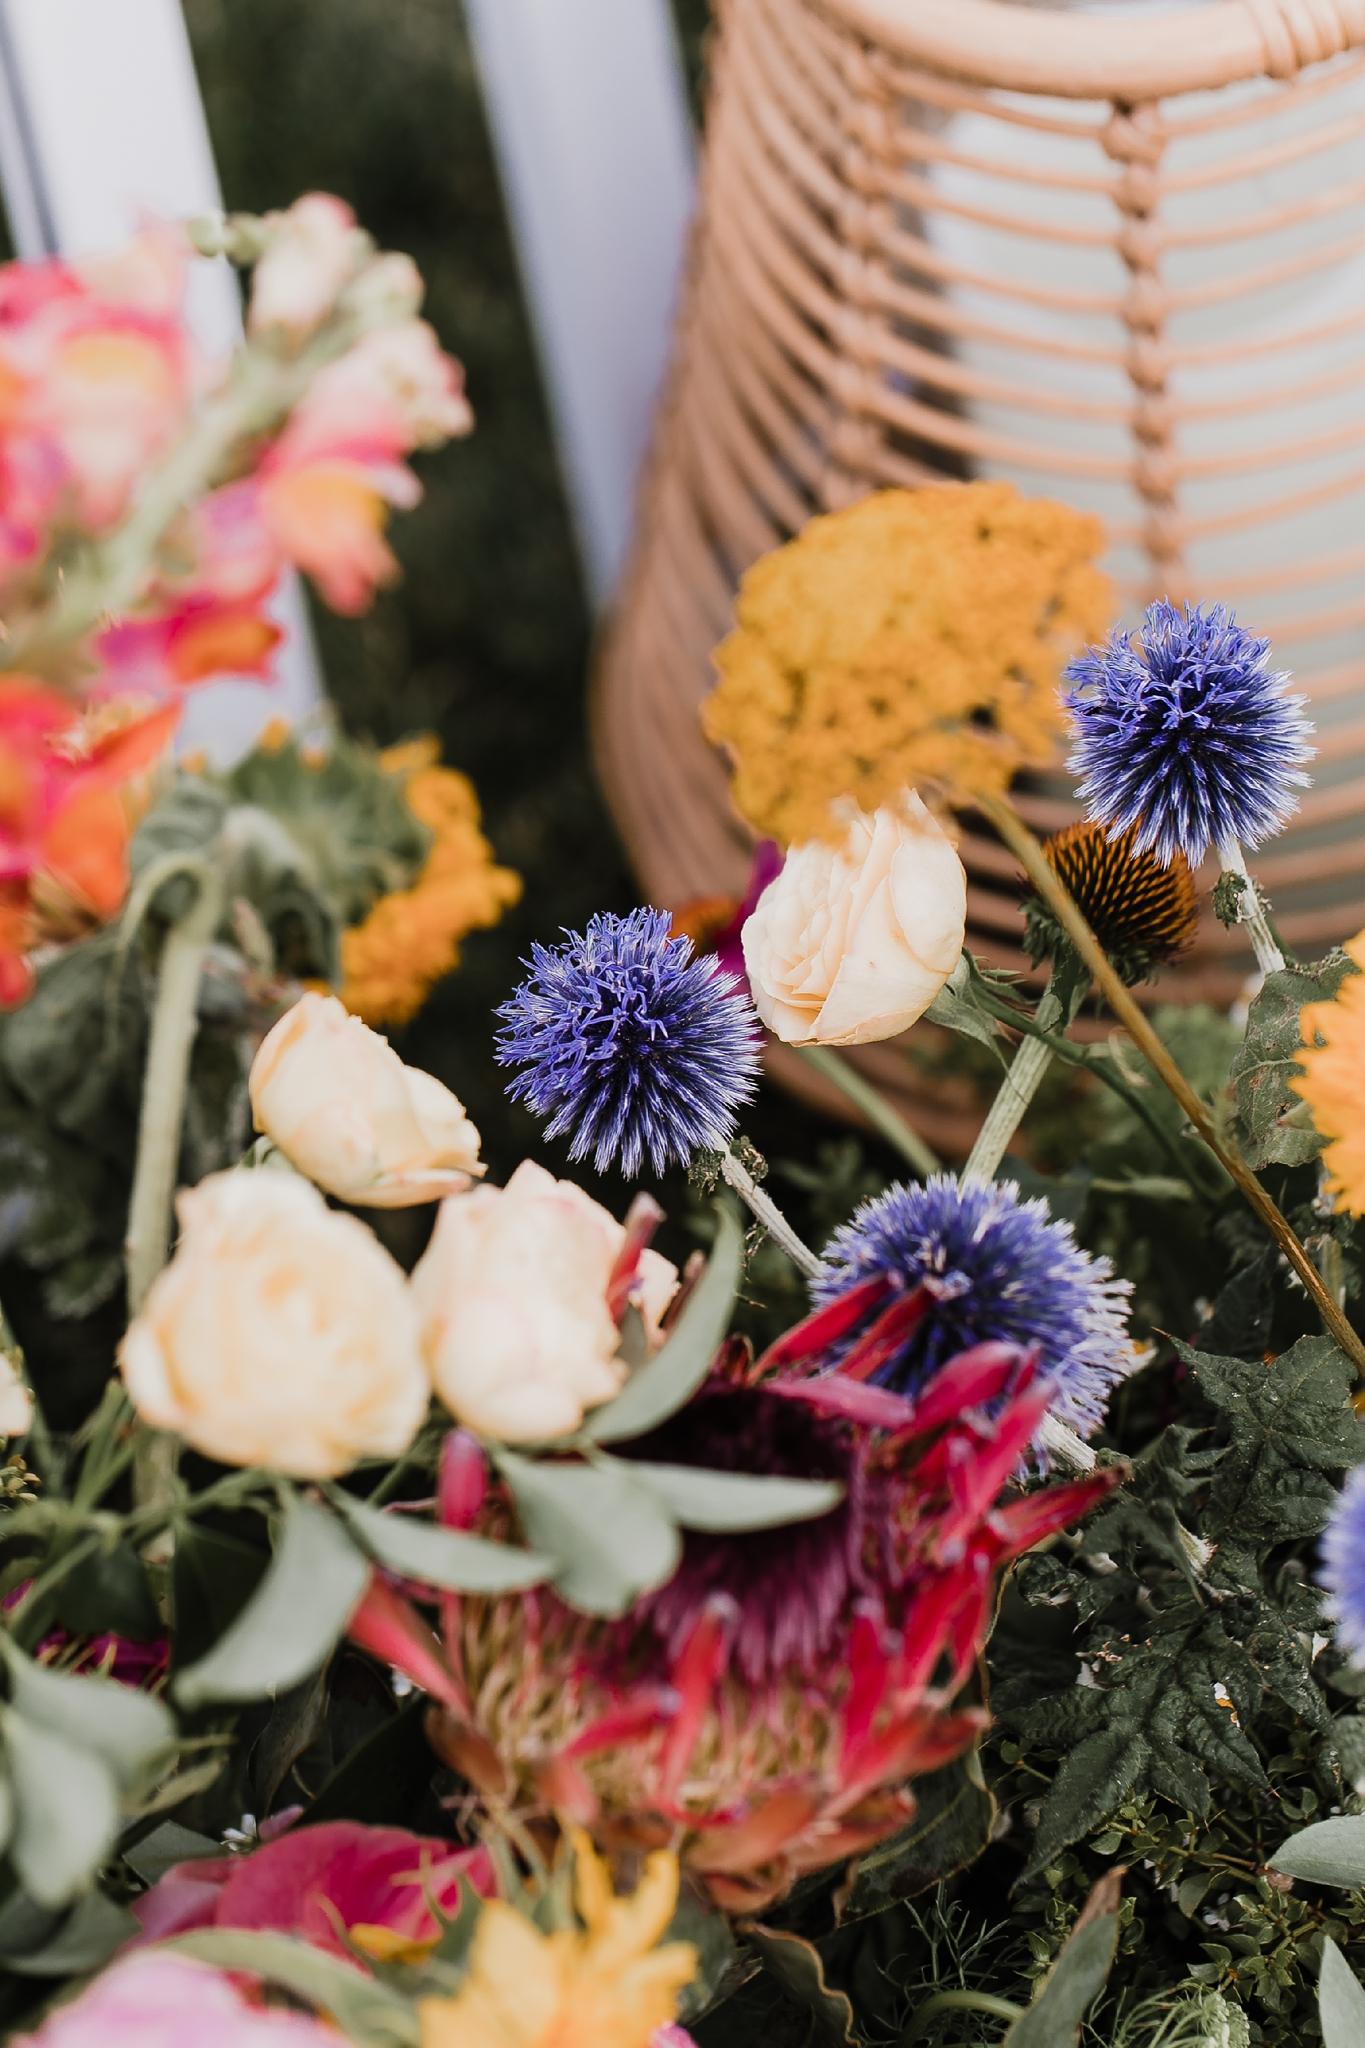 Alicia+lucia+photography+-+albuquerque+wedding+photographer+-+santa+fe+wedding+photography+-+new+mexico+wedding+photographer+-+new+mexico+wedding+-+las+campanas+wedding+-+santa+fe+wedding+-+maximalist+wedding+-+destination+wedding_0048.jpg